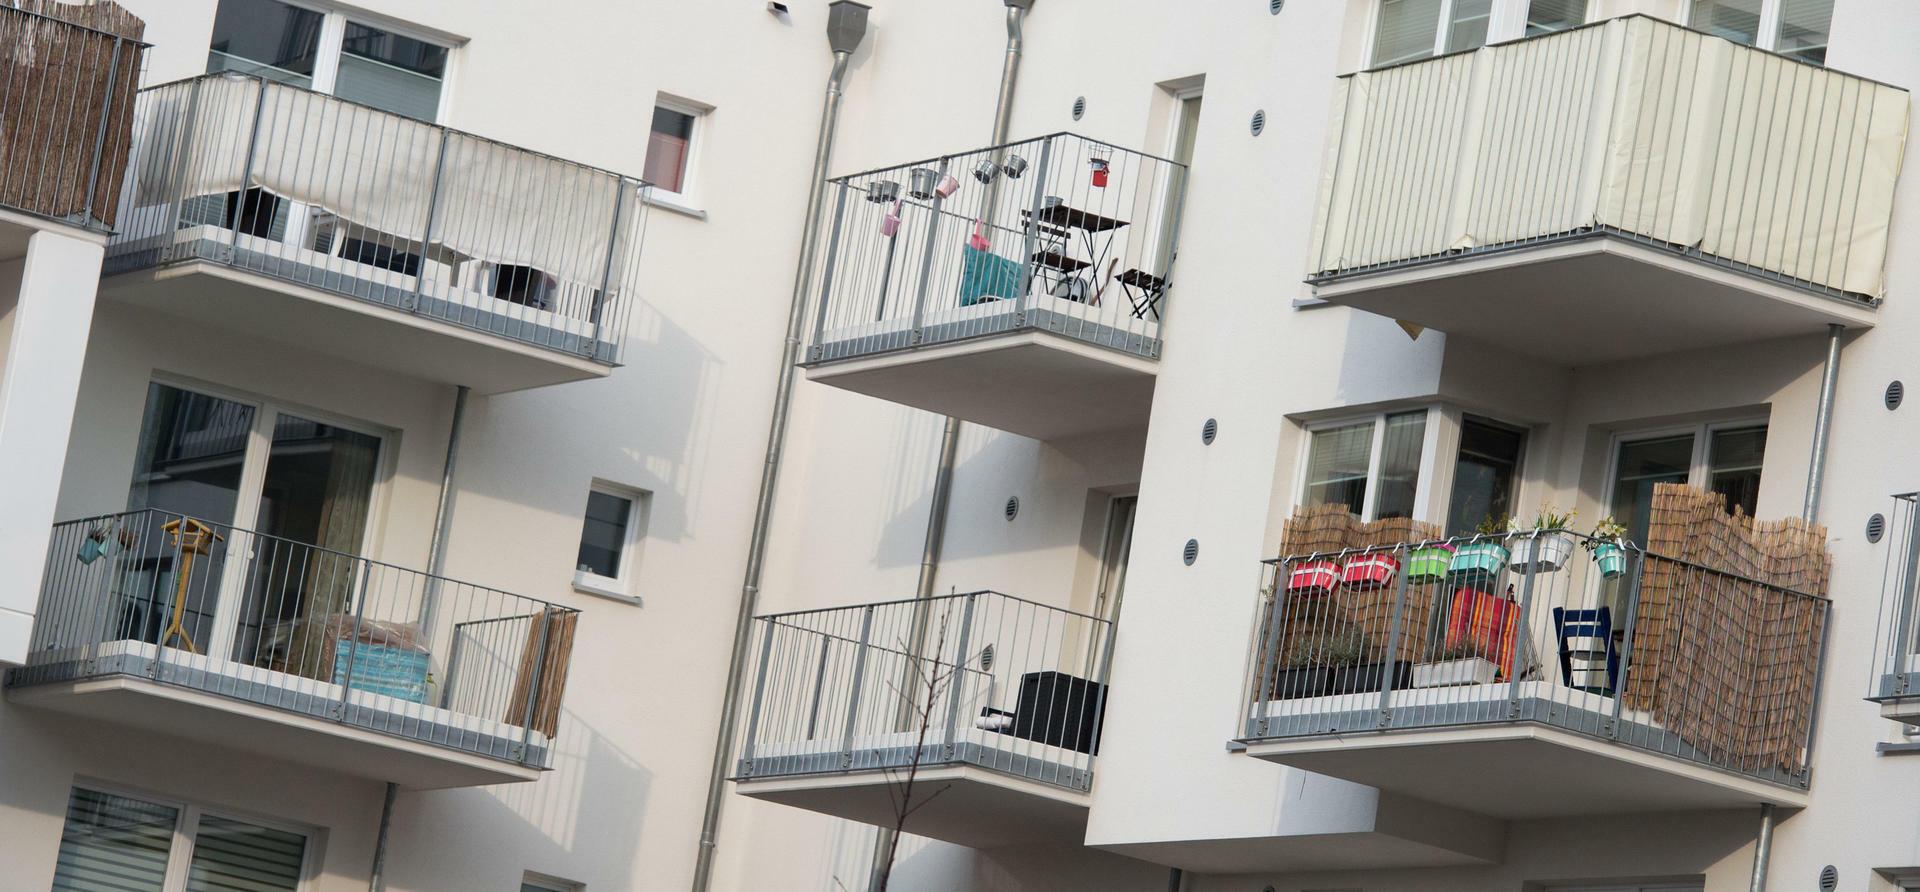 Immobilien: Chinesen stechen deutsche Wohnungsriesen aus